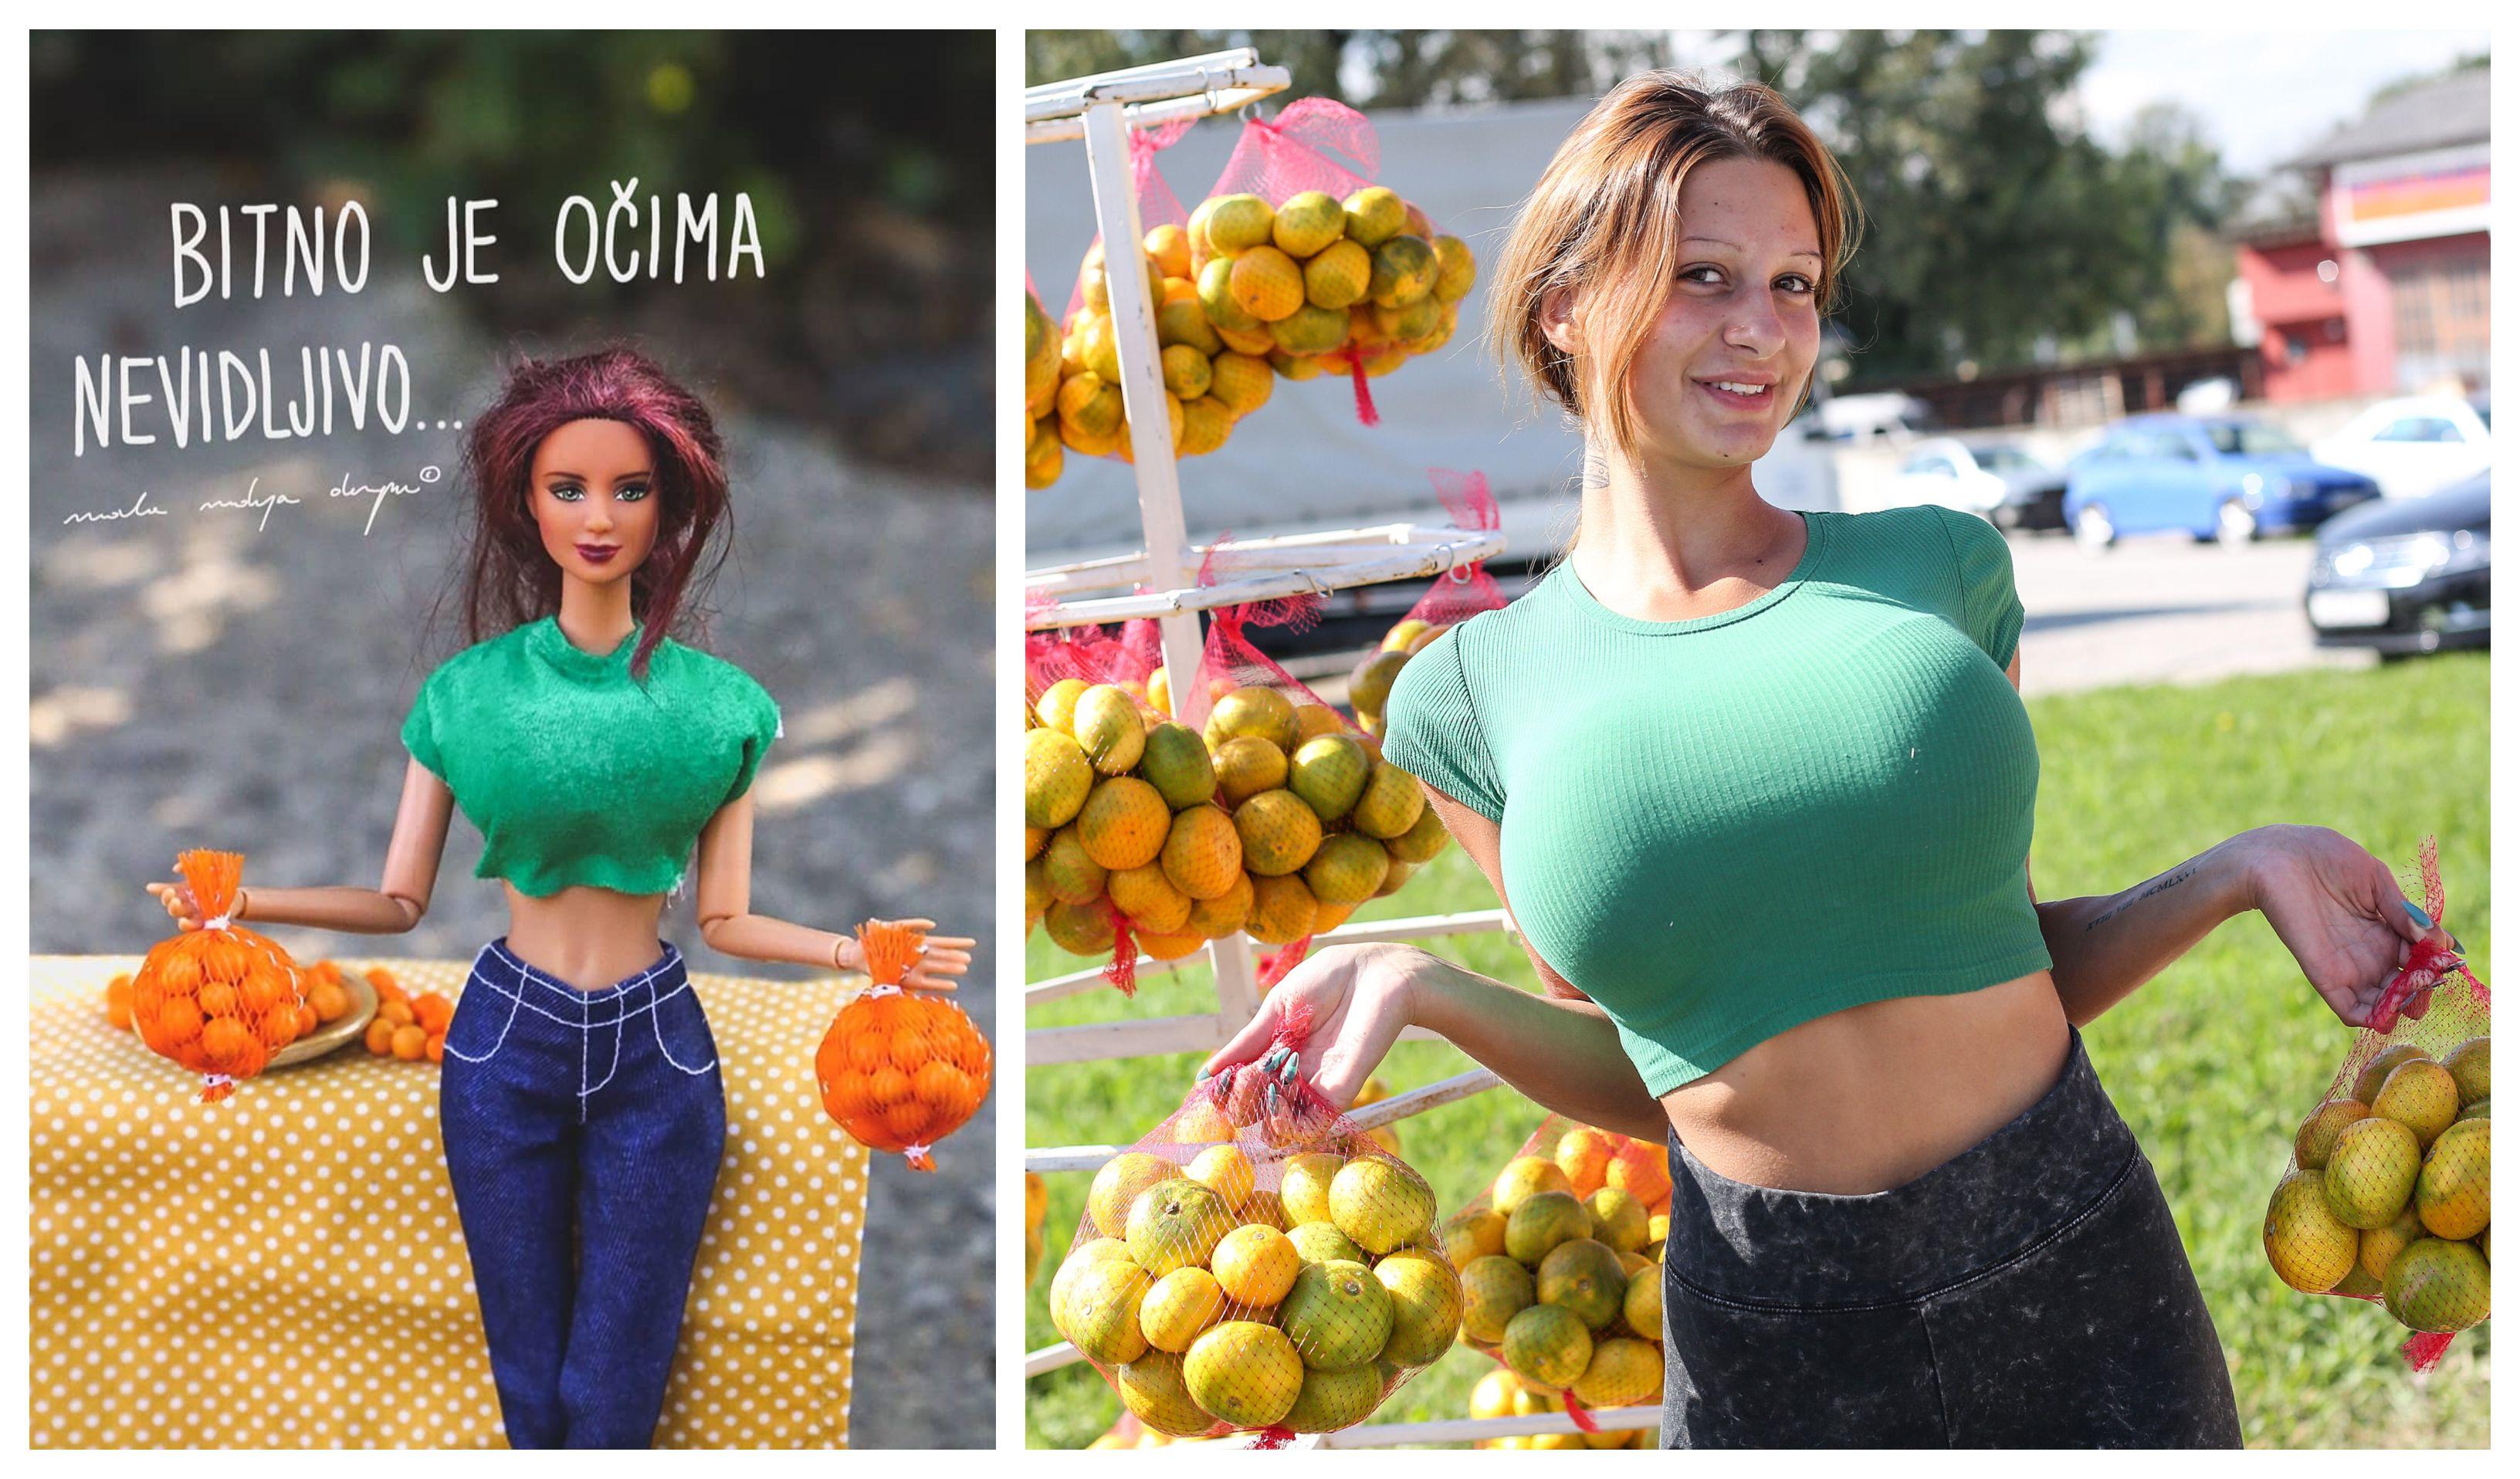 I hrvatski dizajneri se uhvatili popularne priče: Kristina koja prodaje mandarine postala je lutkica